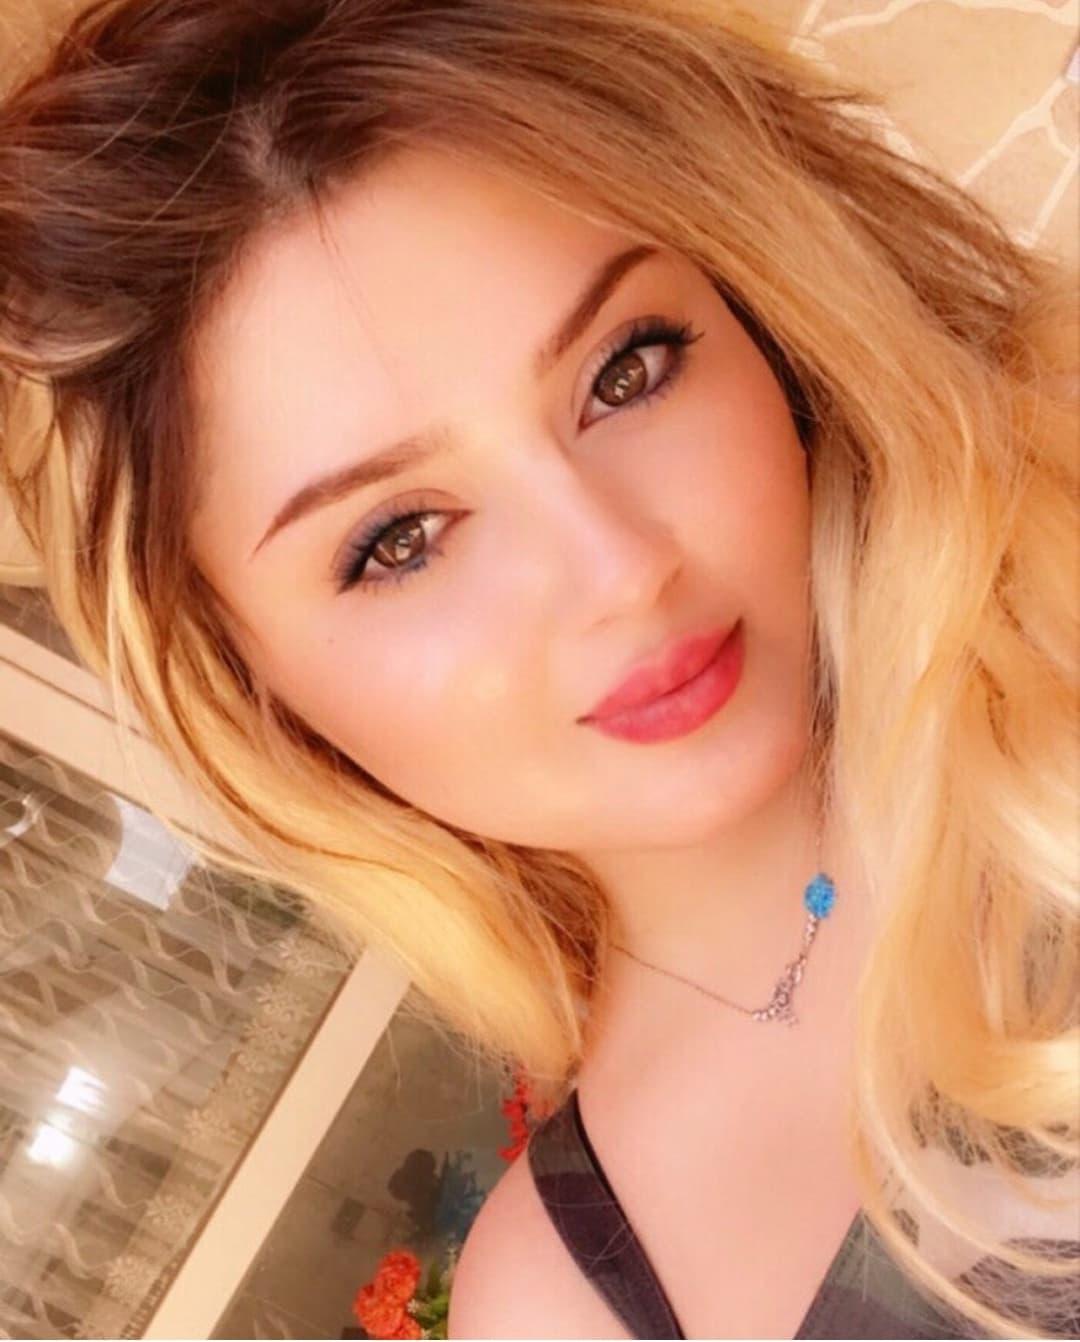 """فاتنة كردستان تثير متابعيها على """"انستغرام"""" بإطلالة جديدة"""